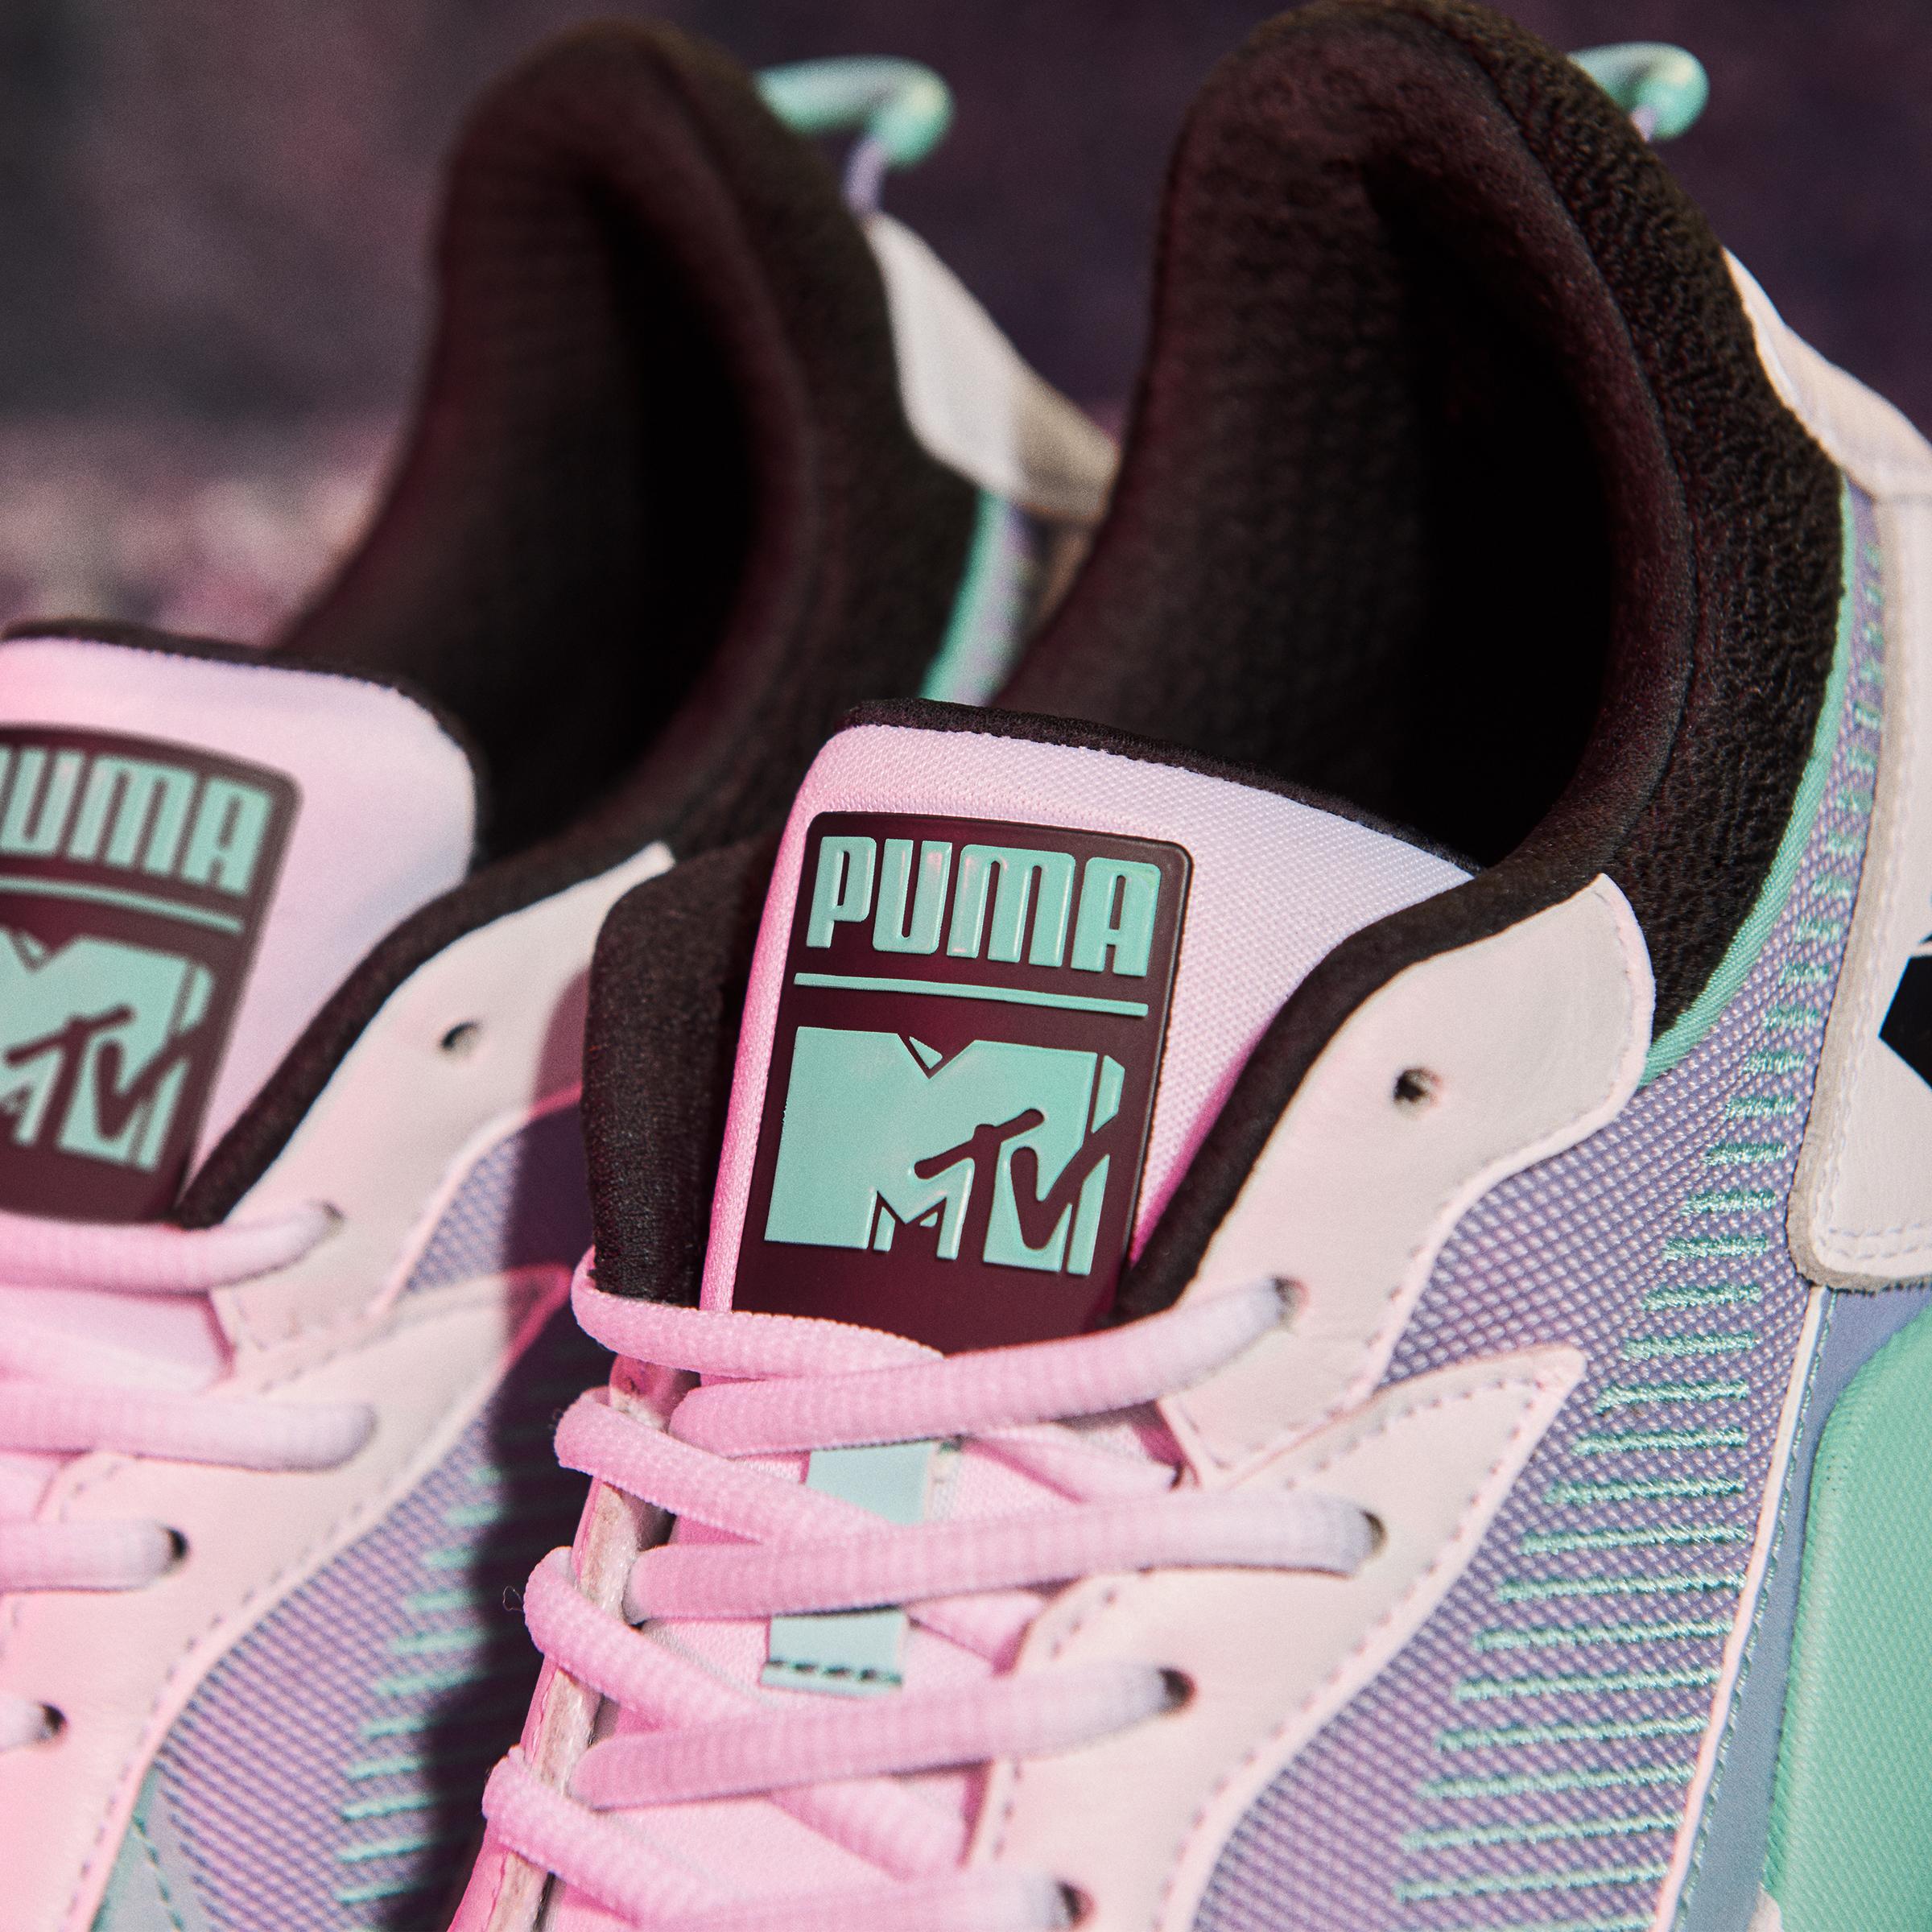 Último Arancel Santuario  Puma se asocia con MTV para reinventar la cultura pop y el estilo callejero  | SneakerHead Argentina